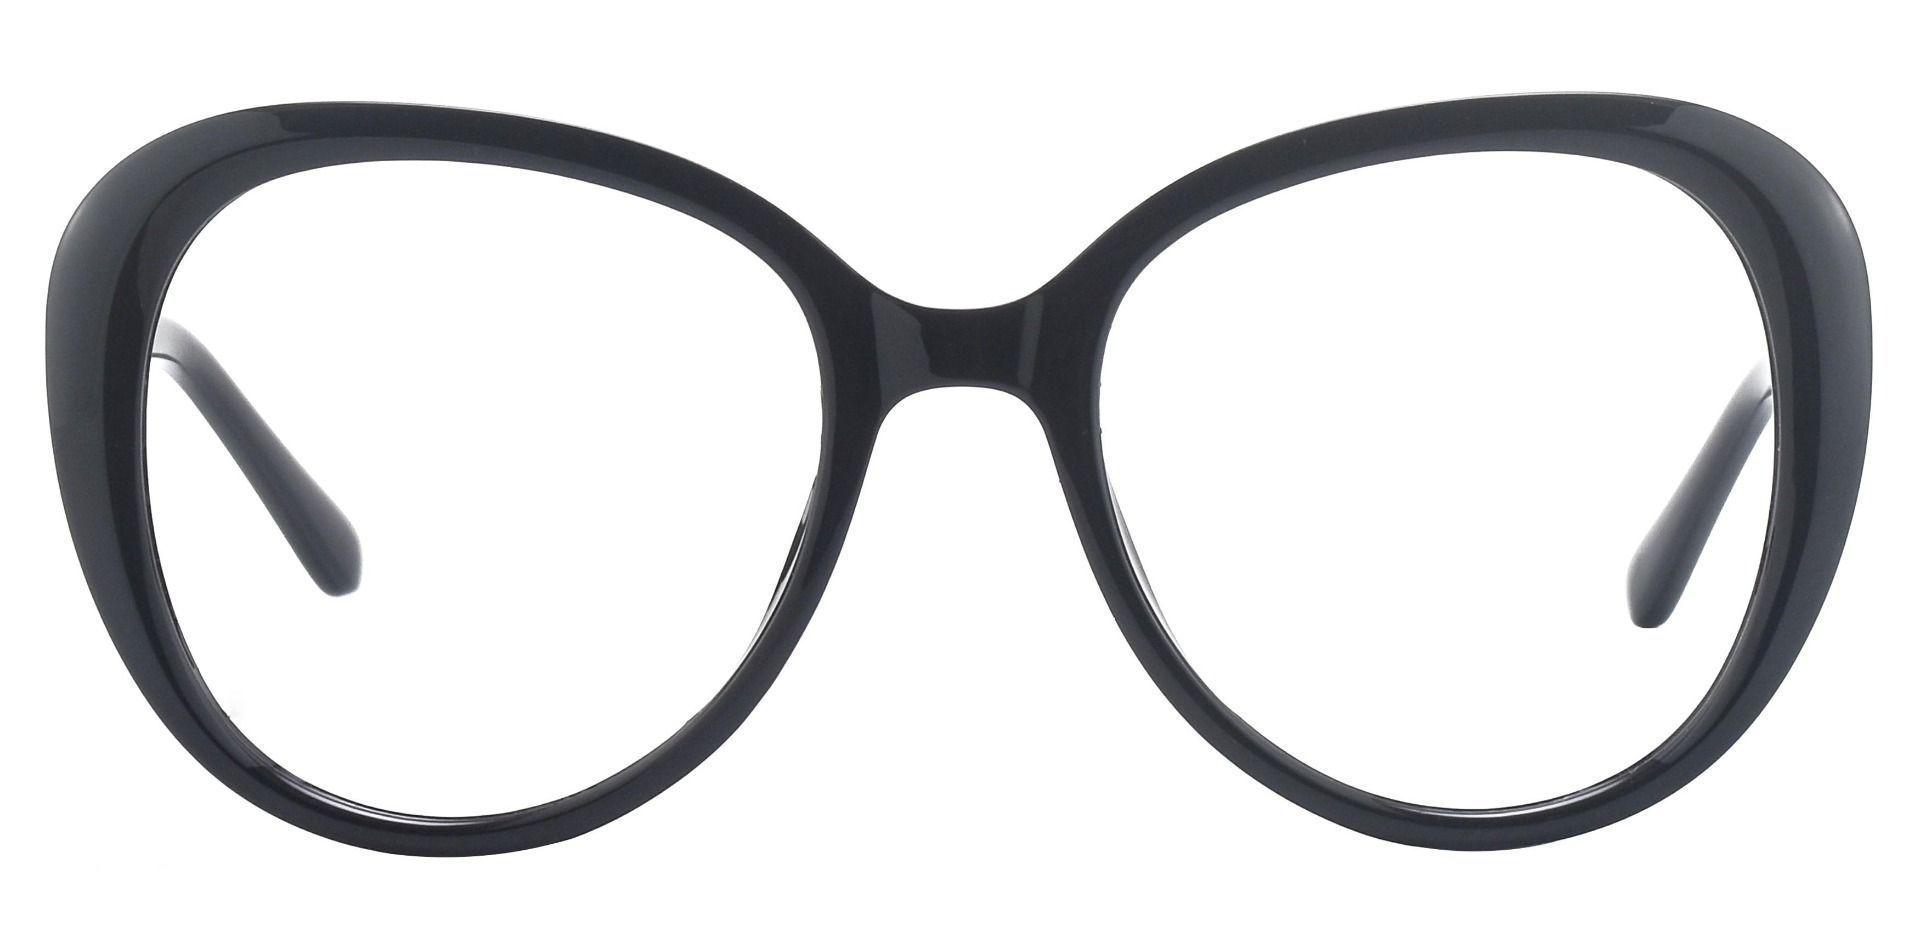 Sheridan Oval Non-Rx Glasses - Black